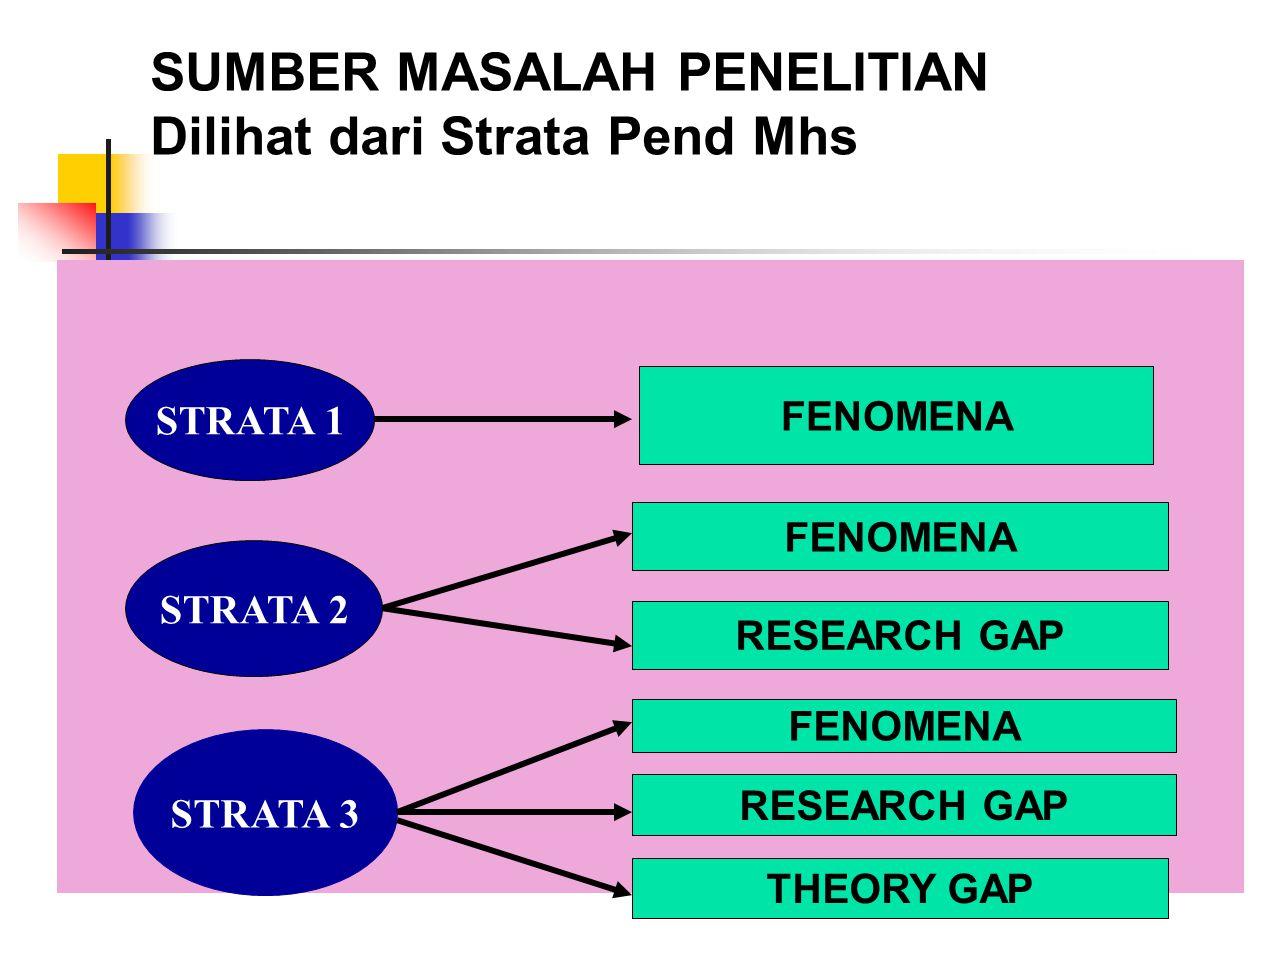 SUMBER MASALAH PENELITIAN Dilihat dari Strata Pend Mhs